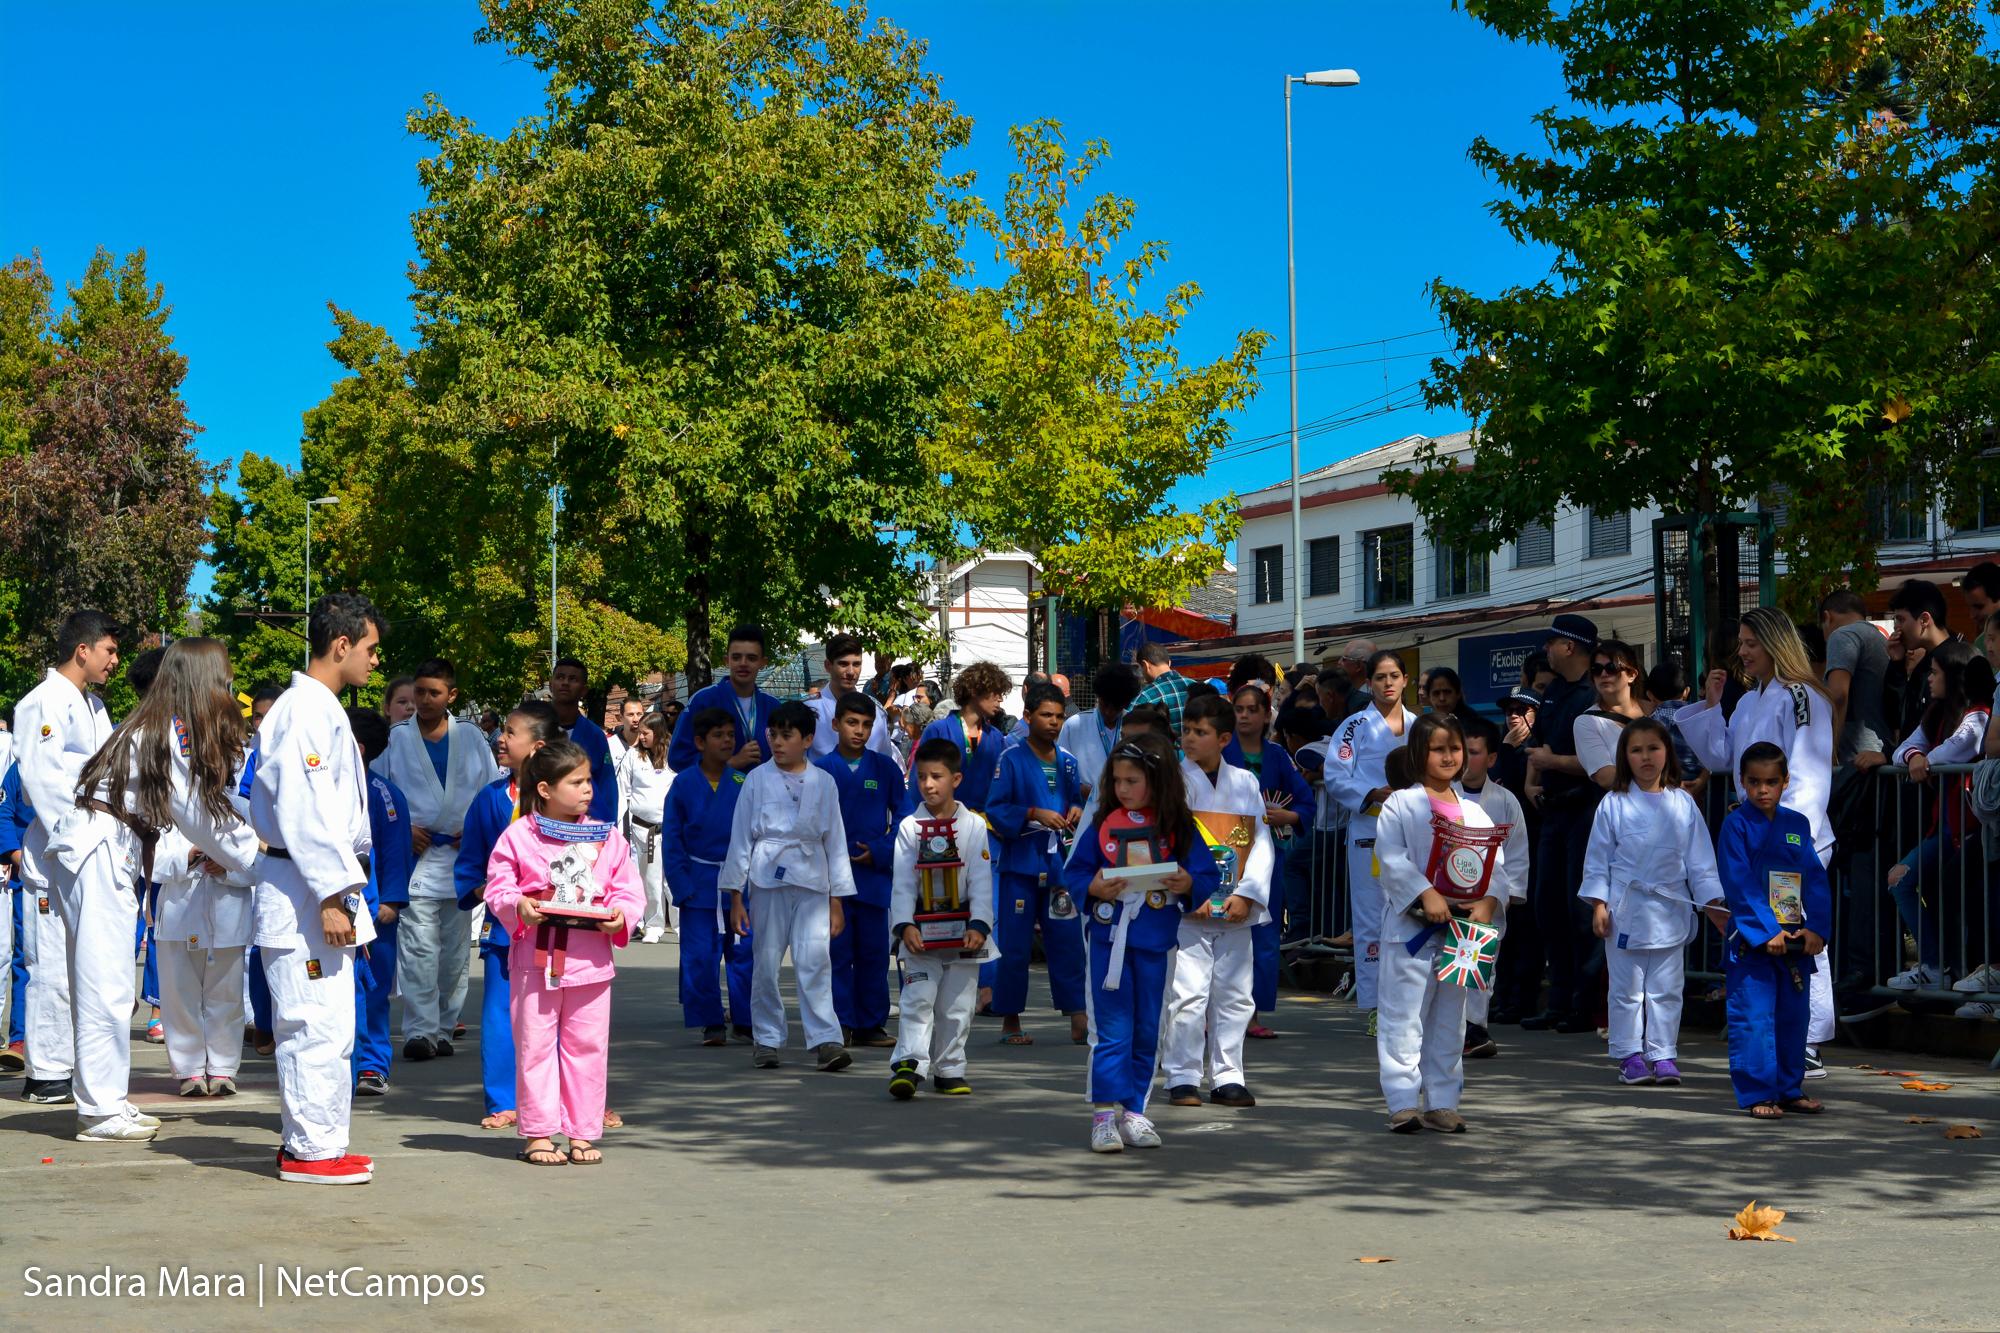 desfile-civico-campos-do-jordao-127